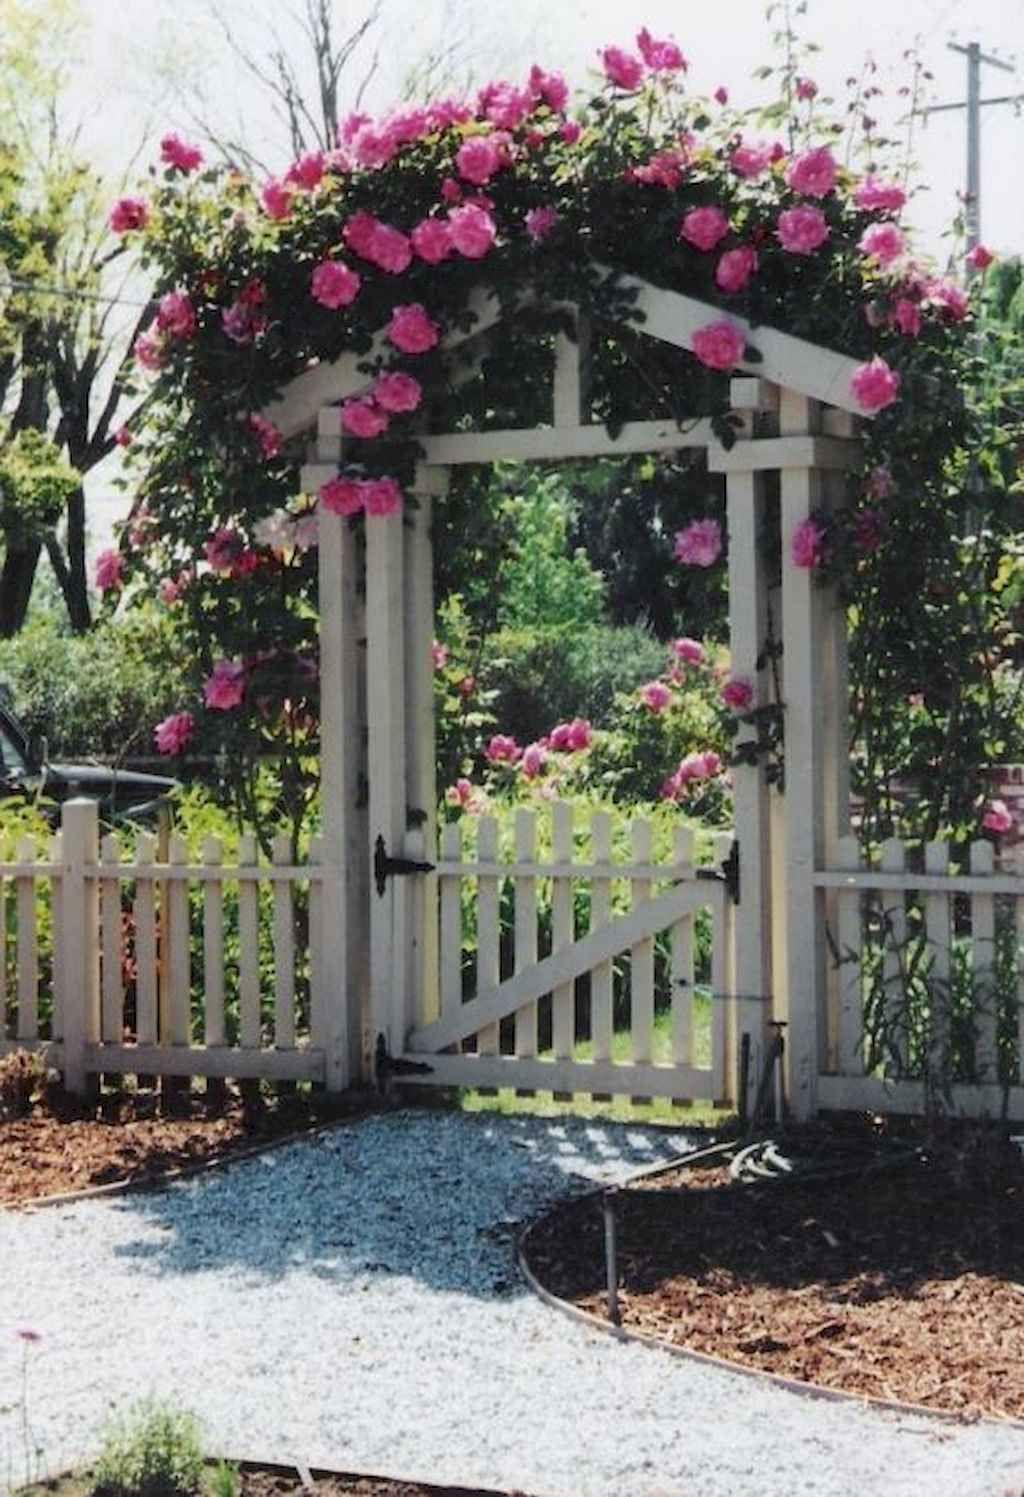 01 Stunning Cottage Garden Ideas for Front Yard Inspiration is part of Garden gate design, Diy garden fence, Garden gates and fencing, Garden entrance, Beautiful gardens, Cottage garden - 01 Stunning Cottage Garden Ideas for Front Yard Inspiration